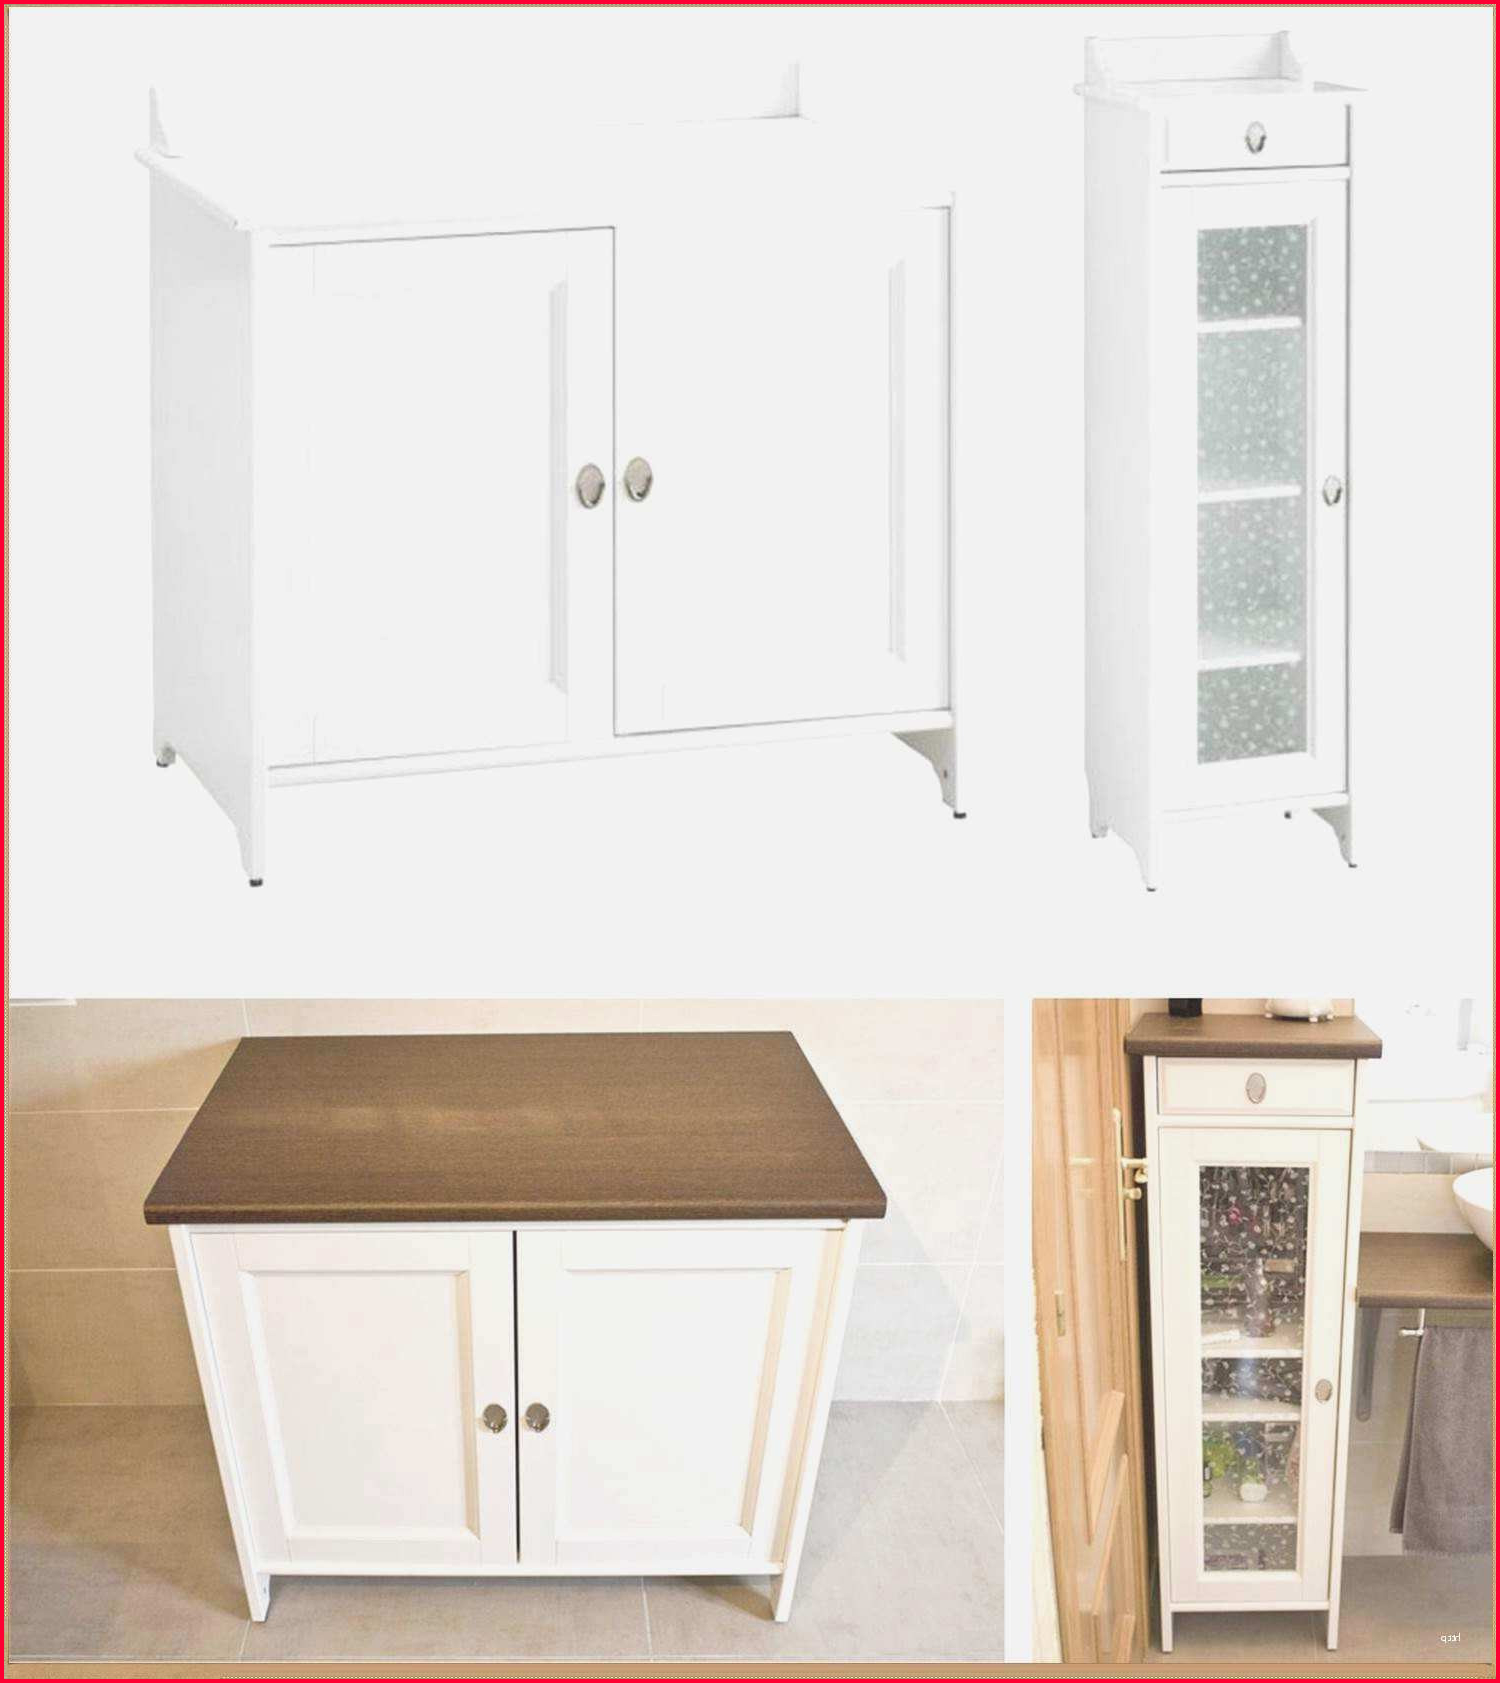 Muebles De Cocina Ikea Por Modulos T8dj Muebles De Cocina Ikea ...